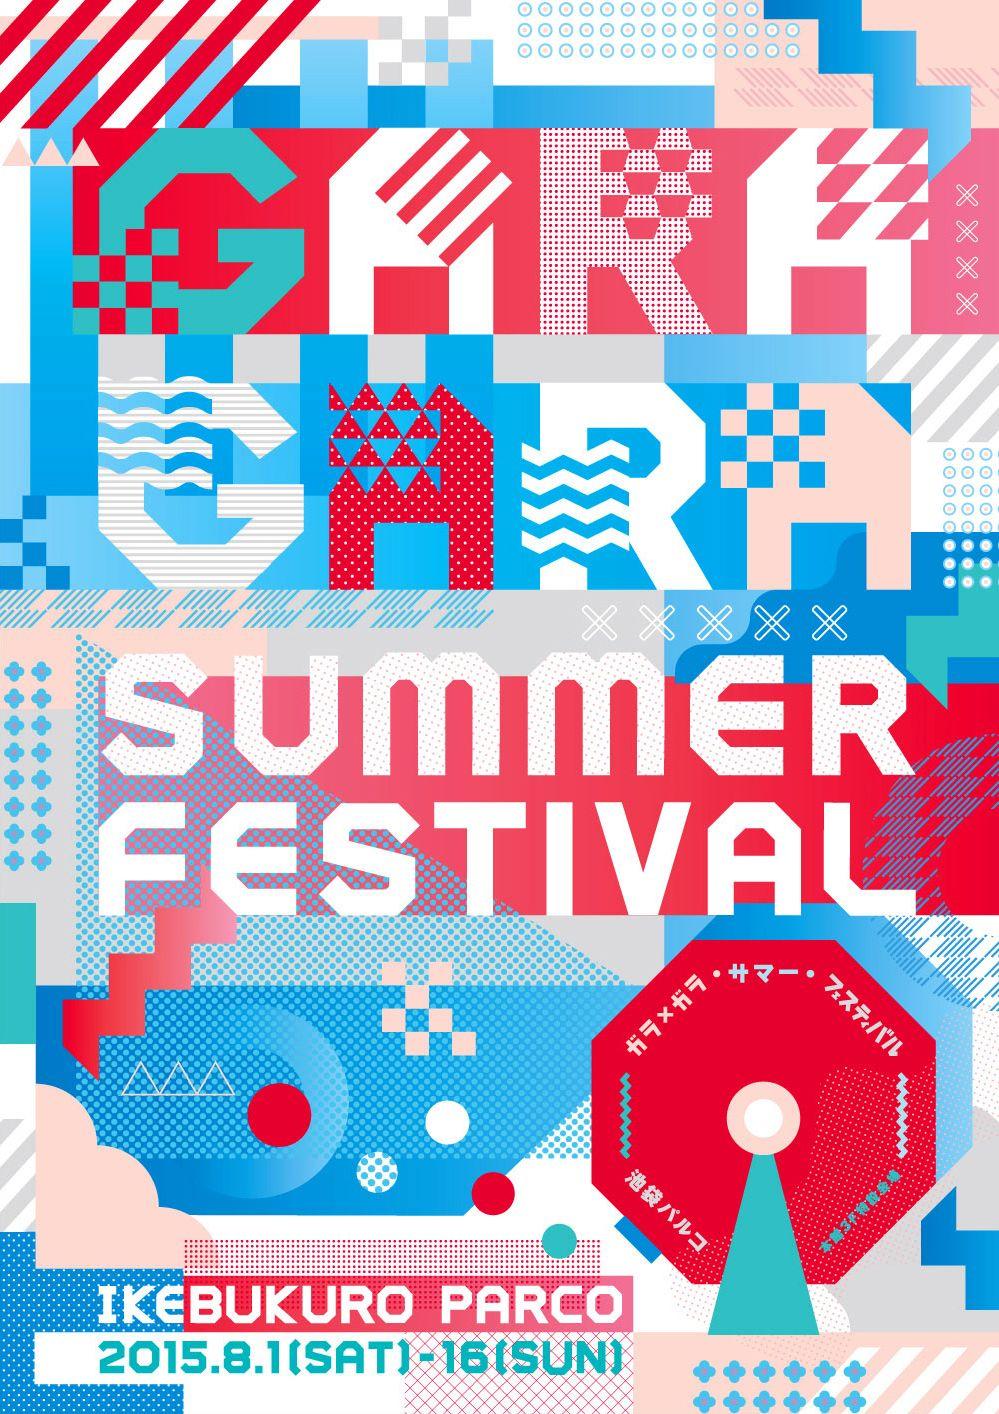 Poster design 2015 - Japanese Poster Gara Gara Summer Festival Taeko Isu Nnnny Asuka Watanabe Hata Yurie 2015